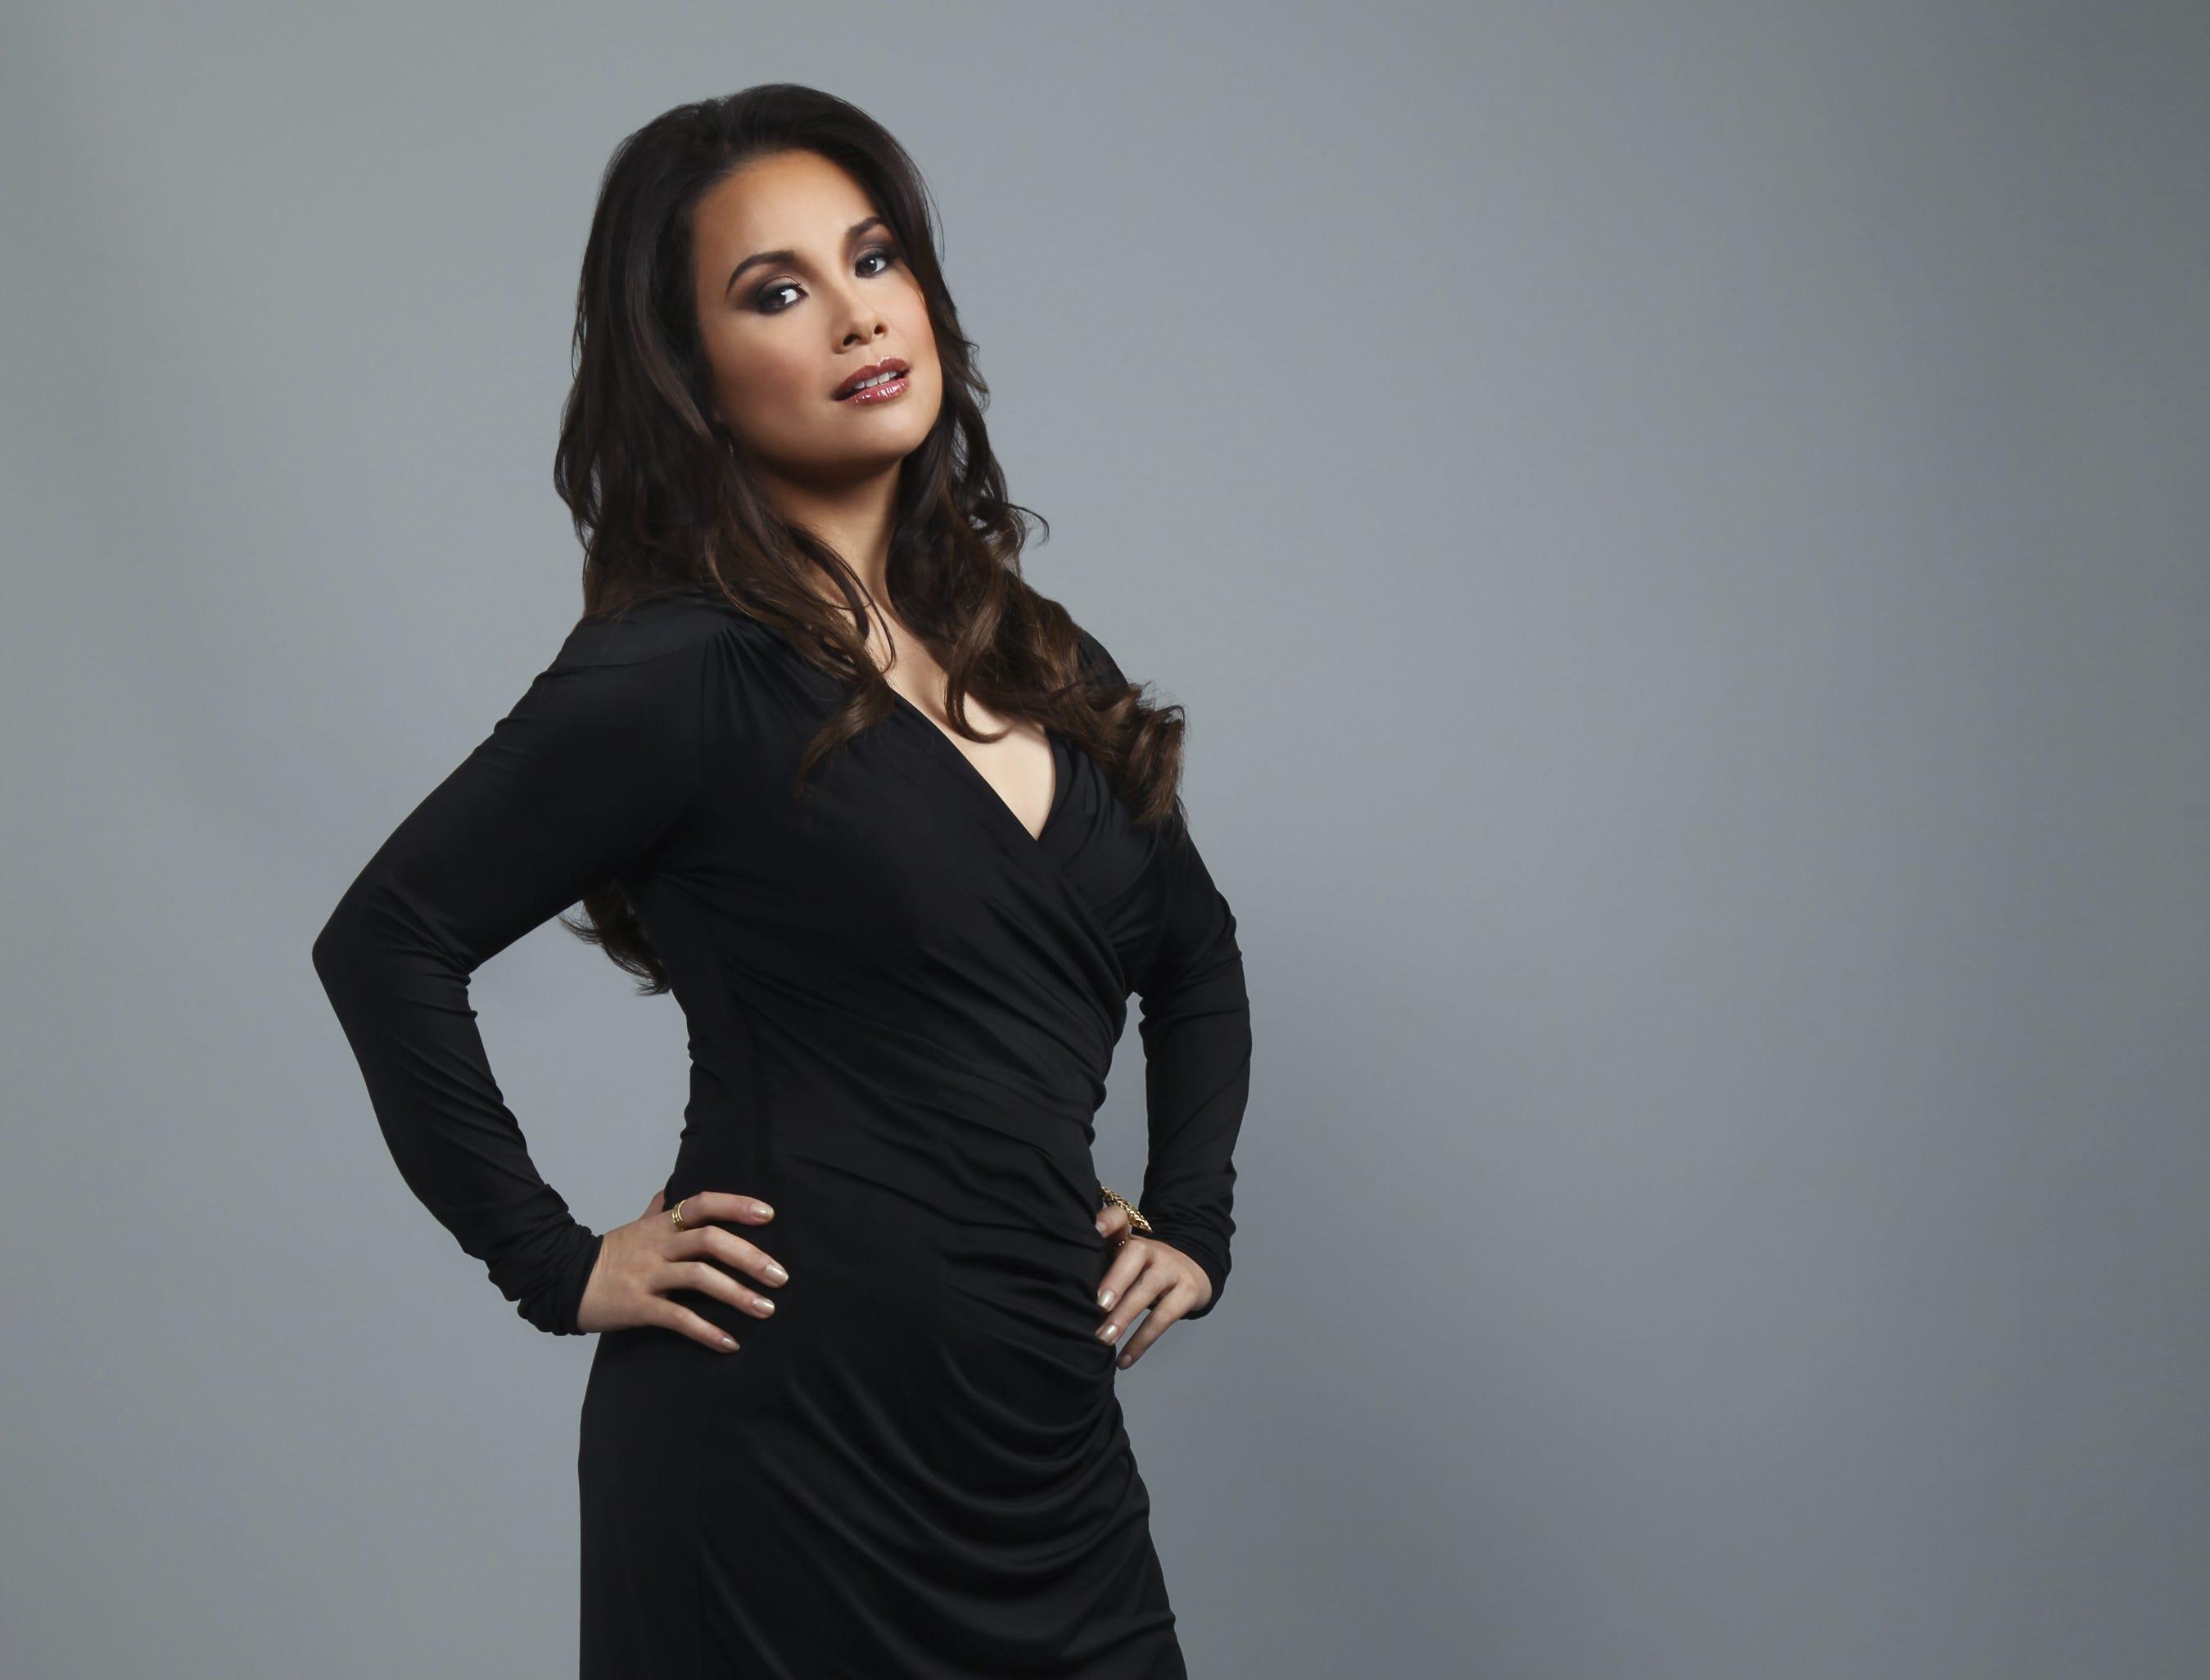 Lea Salonga in a promotional image circa 2010.